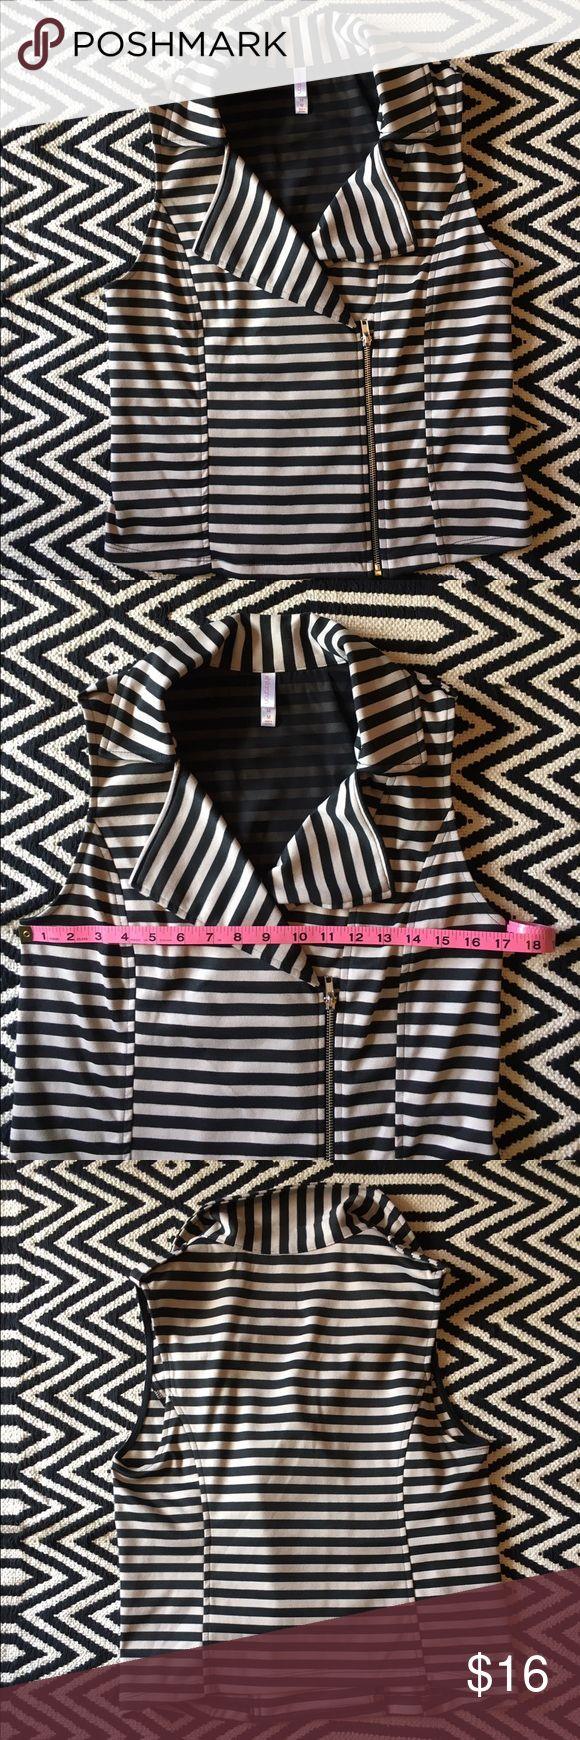 Xhilaration black and tan moto striped vest New without tag. Xhilaration Black and tan moto striped vest. Size. M. Shell: 97% polyester, 3% spandex. Lining: 100% polyester. Xhilaration Jackets & Coats Vests